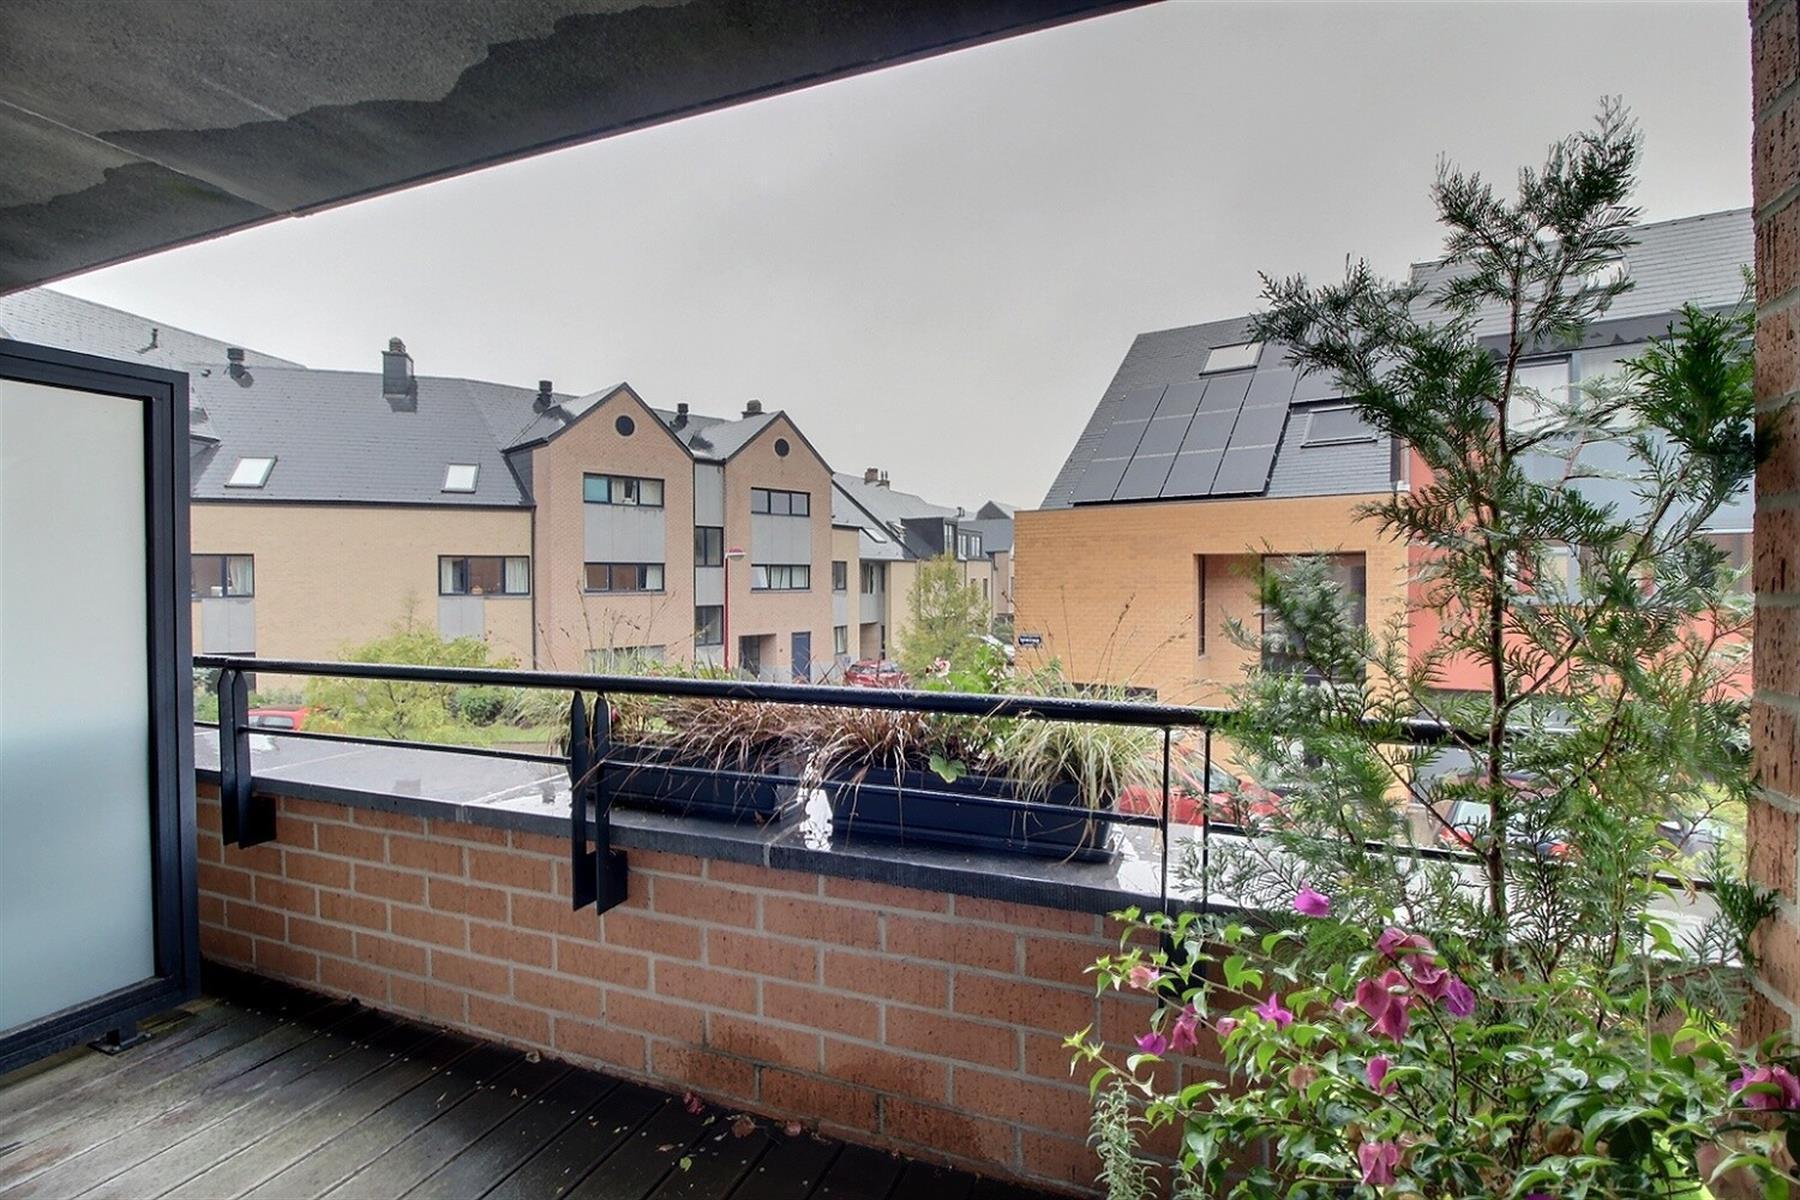 Appartement - Ottignies-Louvain-la-Neuve - #4174683-5